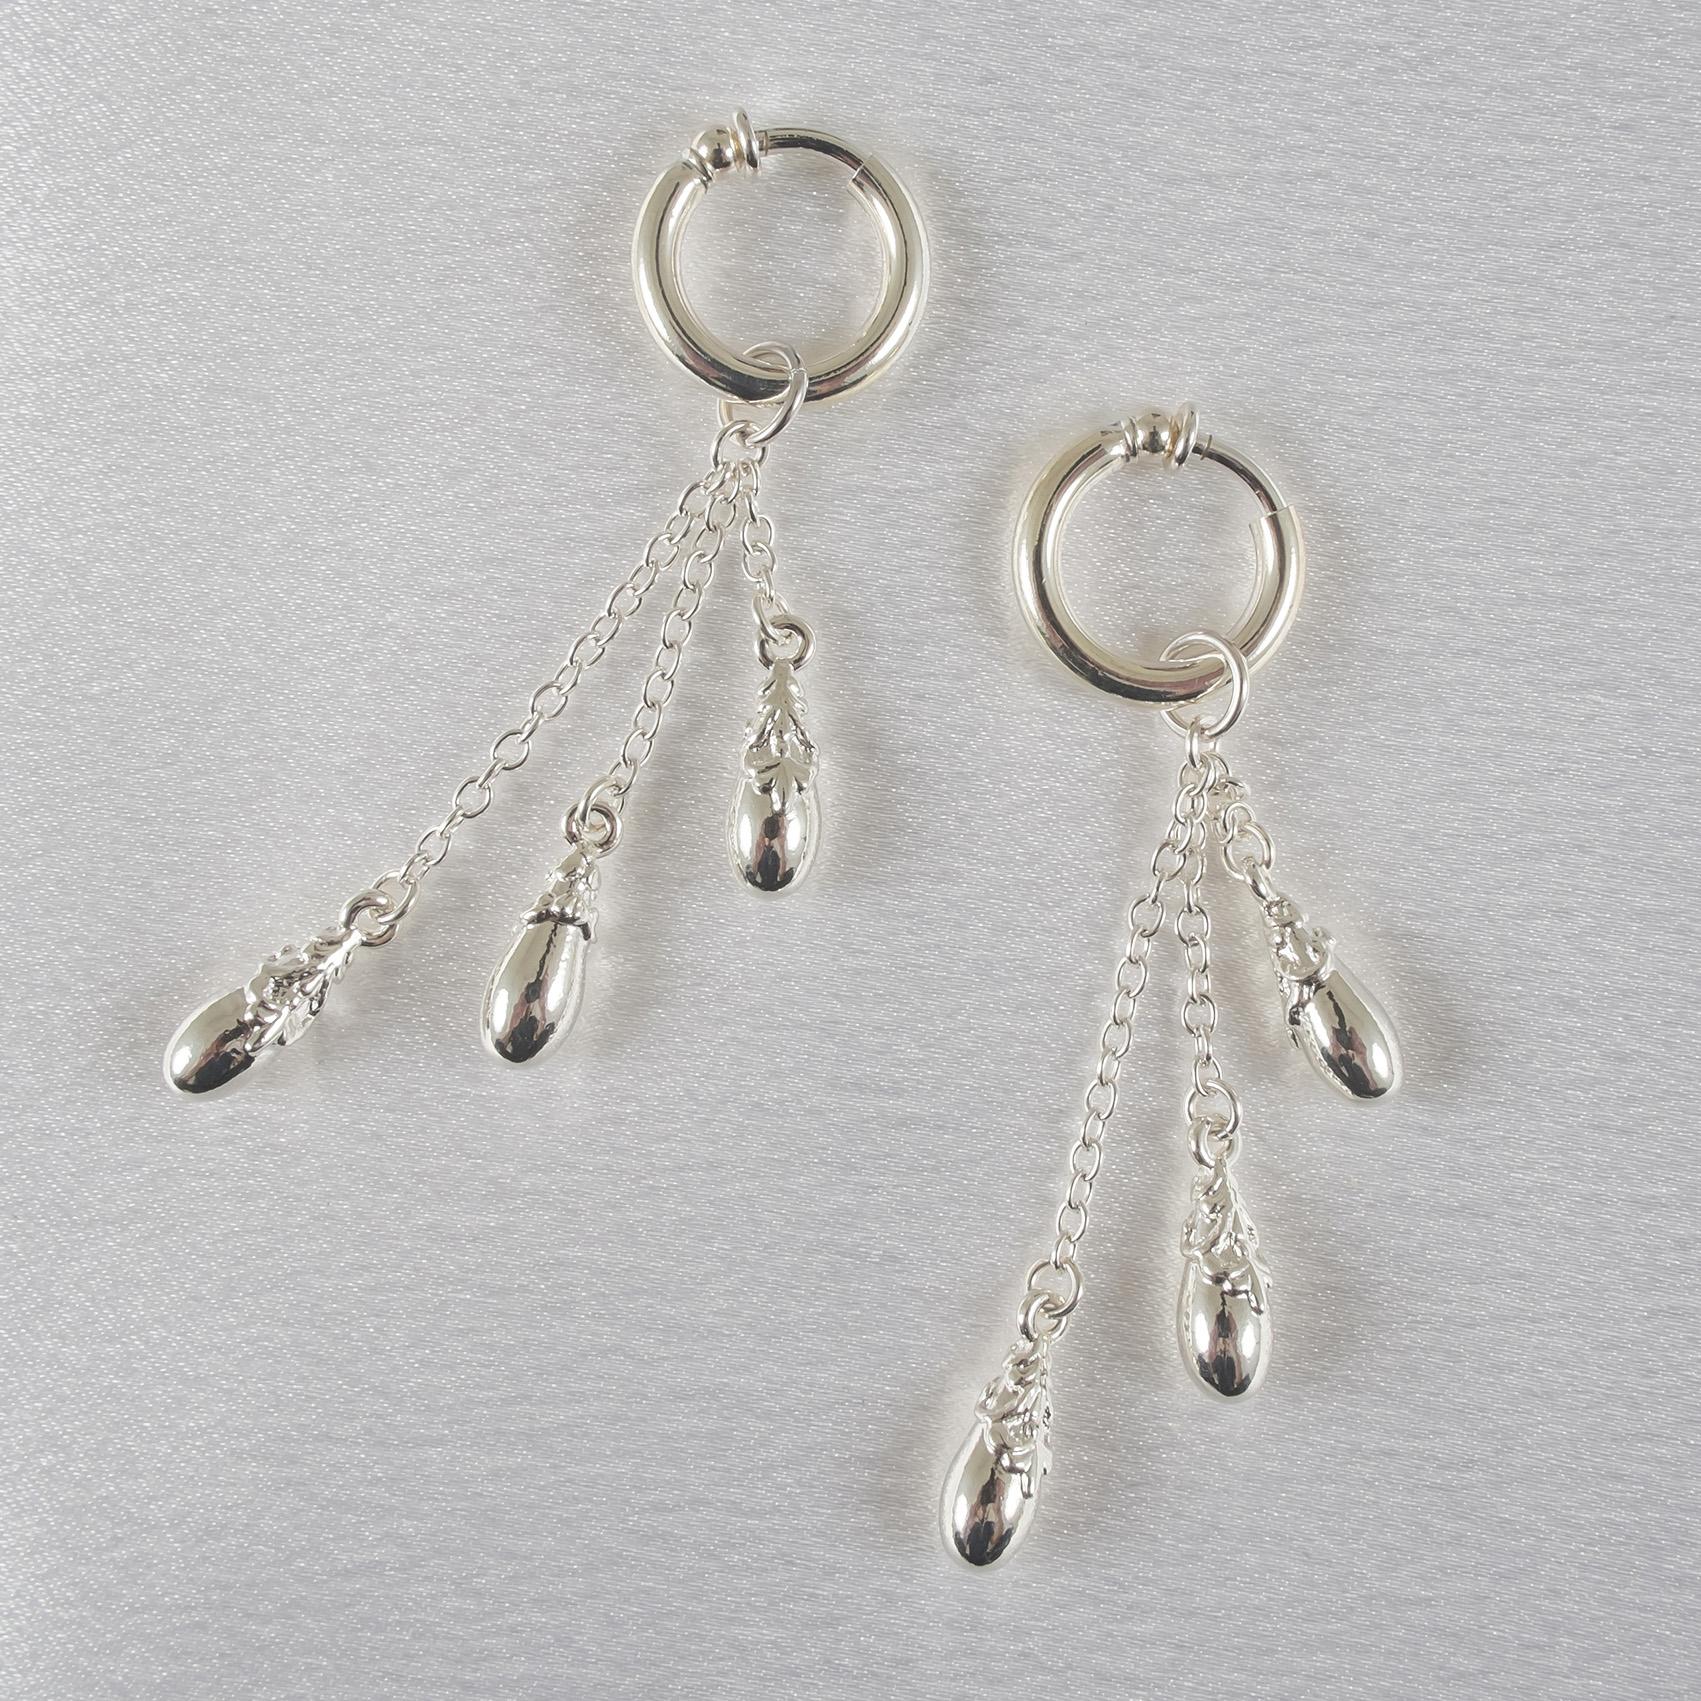 PA61 Non-Piercing Labia Rings with Triple Teardrop Pendants in Silver